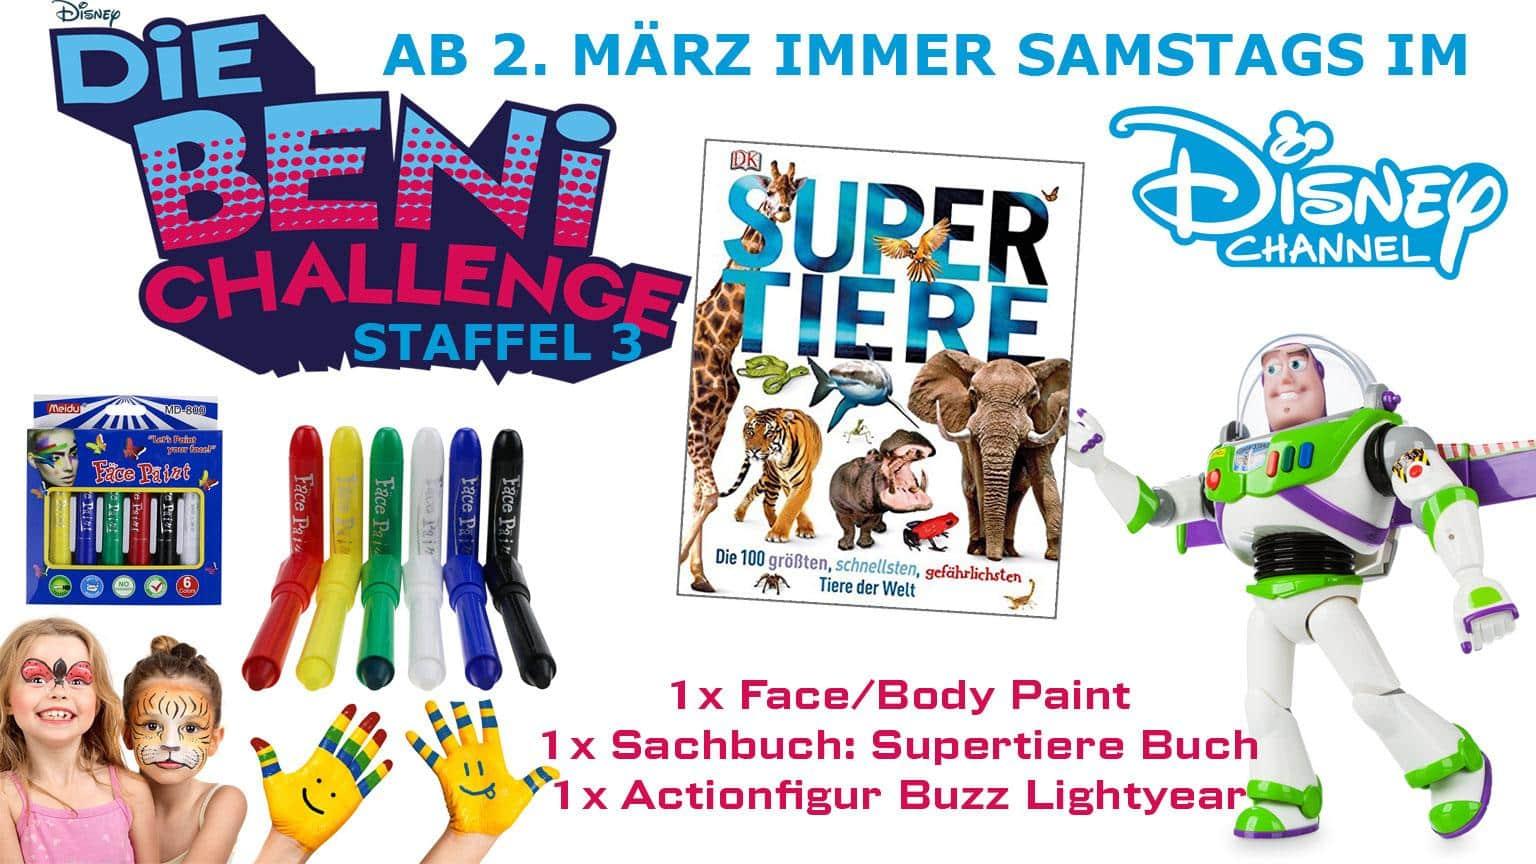 Die BEni Challenge Staffel 3 Gewinnspiel Artikelbild